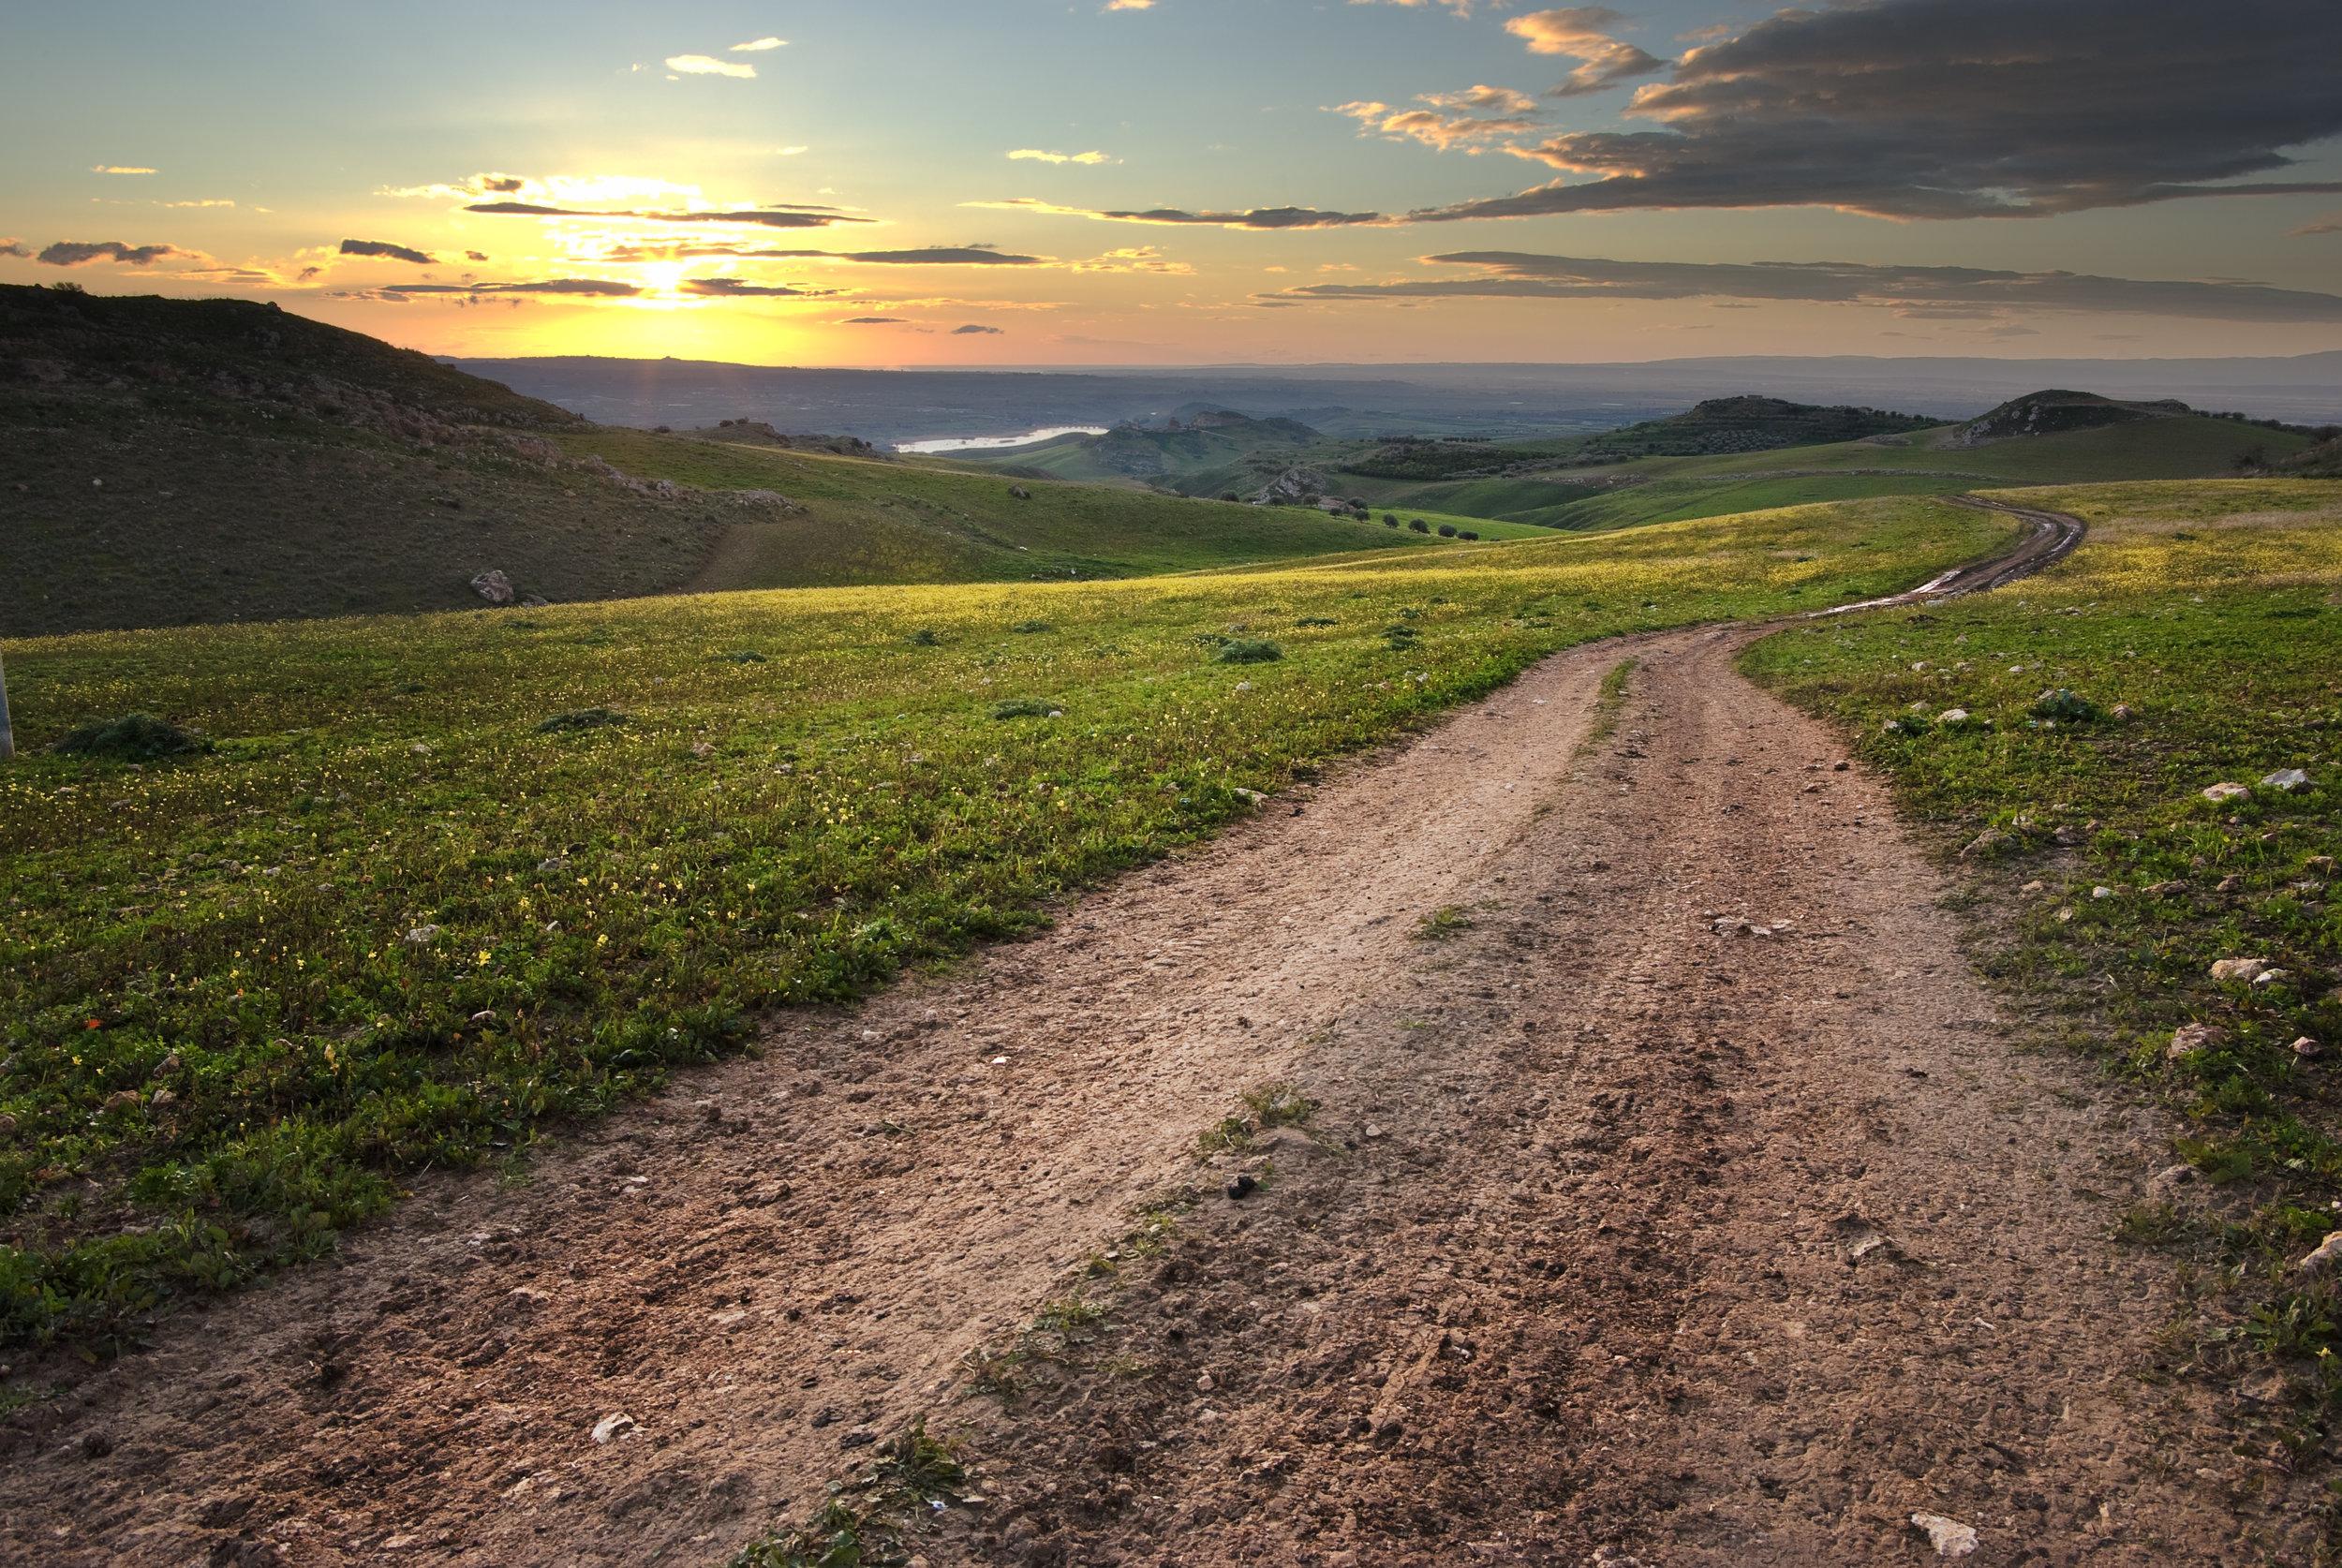 Dirt Road In Meadow At Daybreak